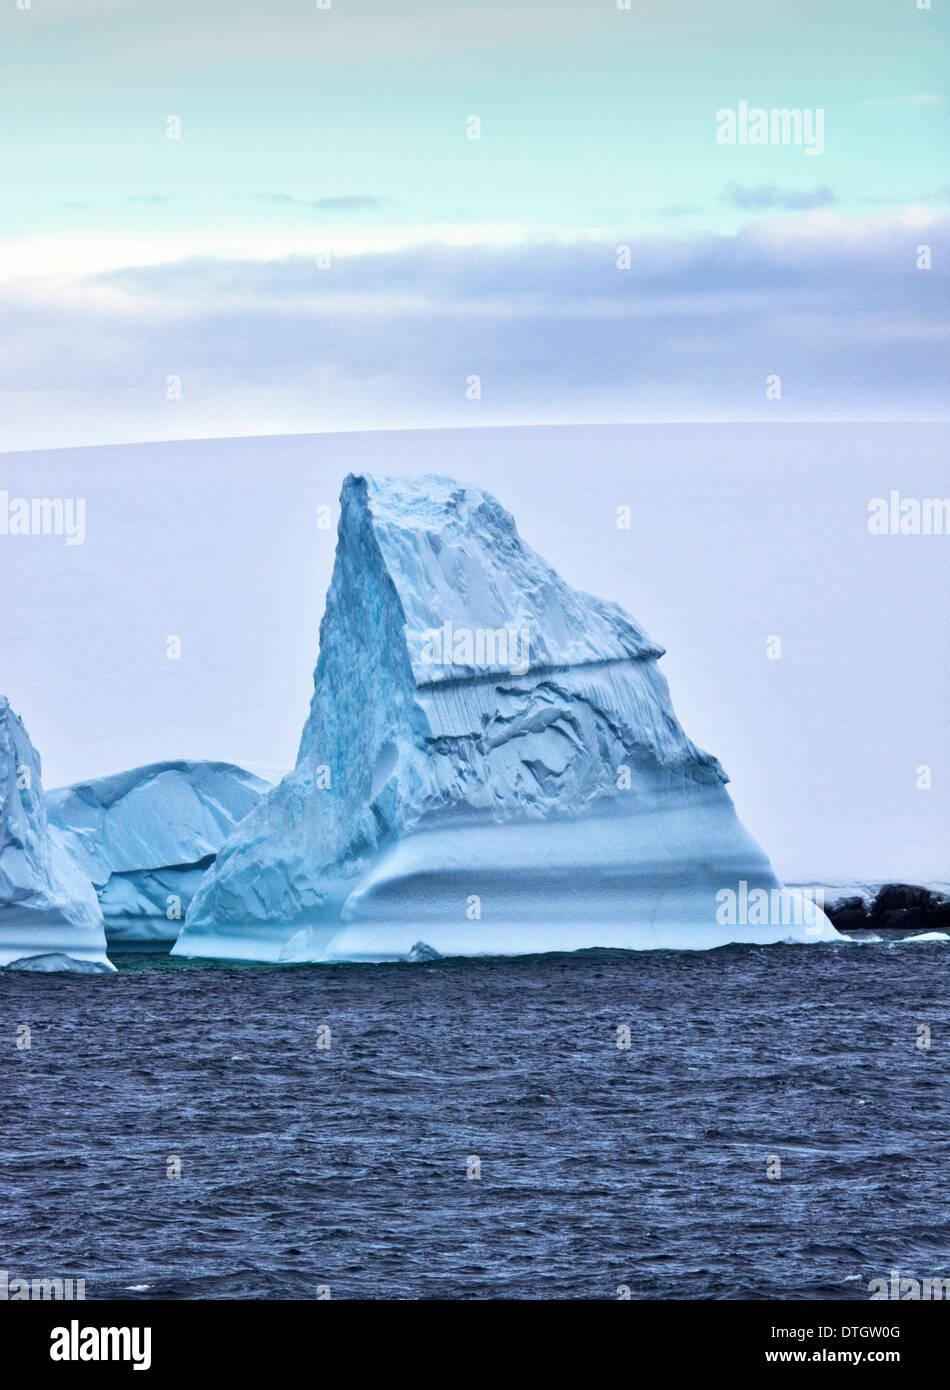 Iceberg, Gerlache Strait, Antarctic Peninsula - Stock Image